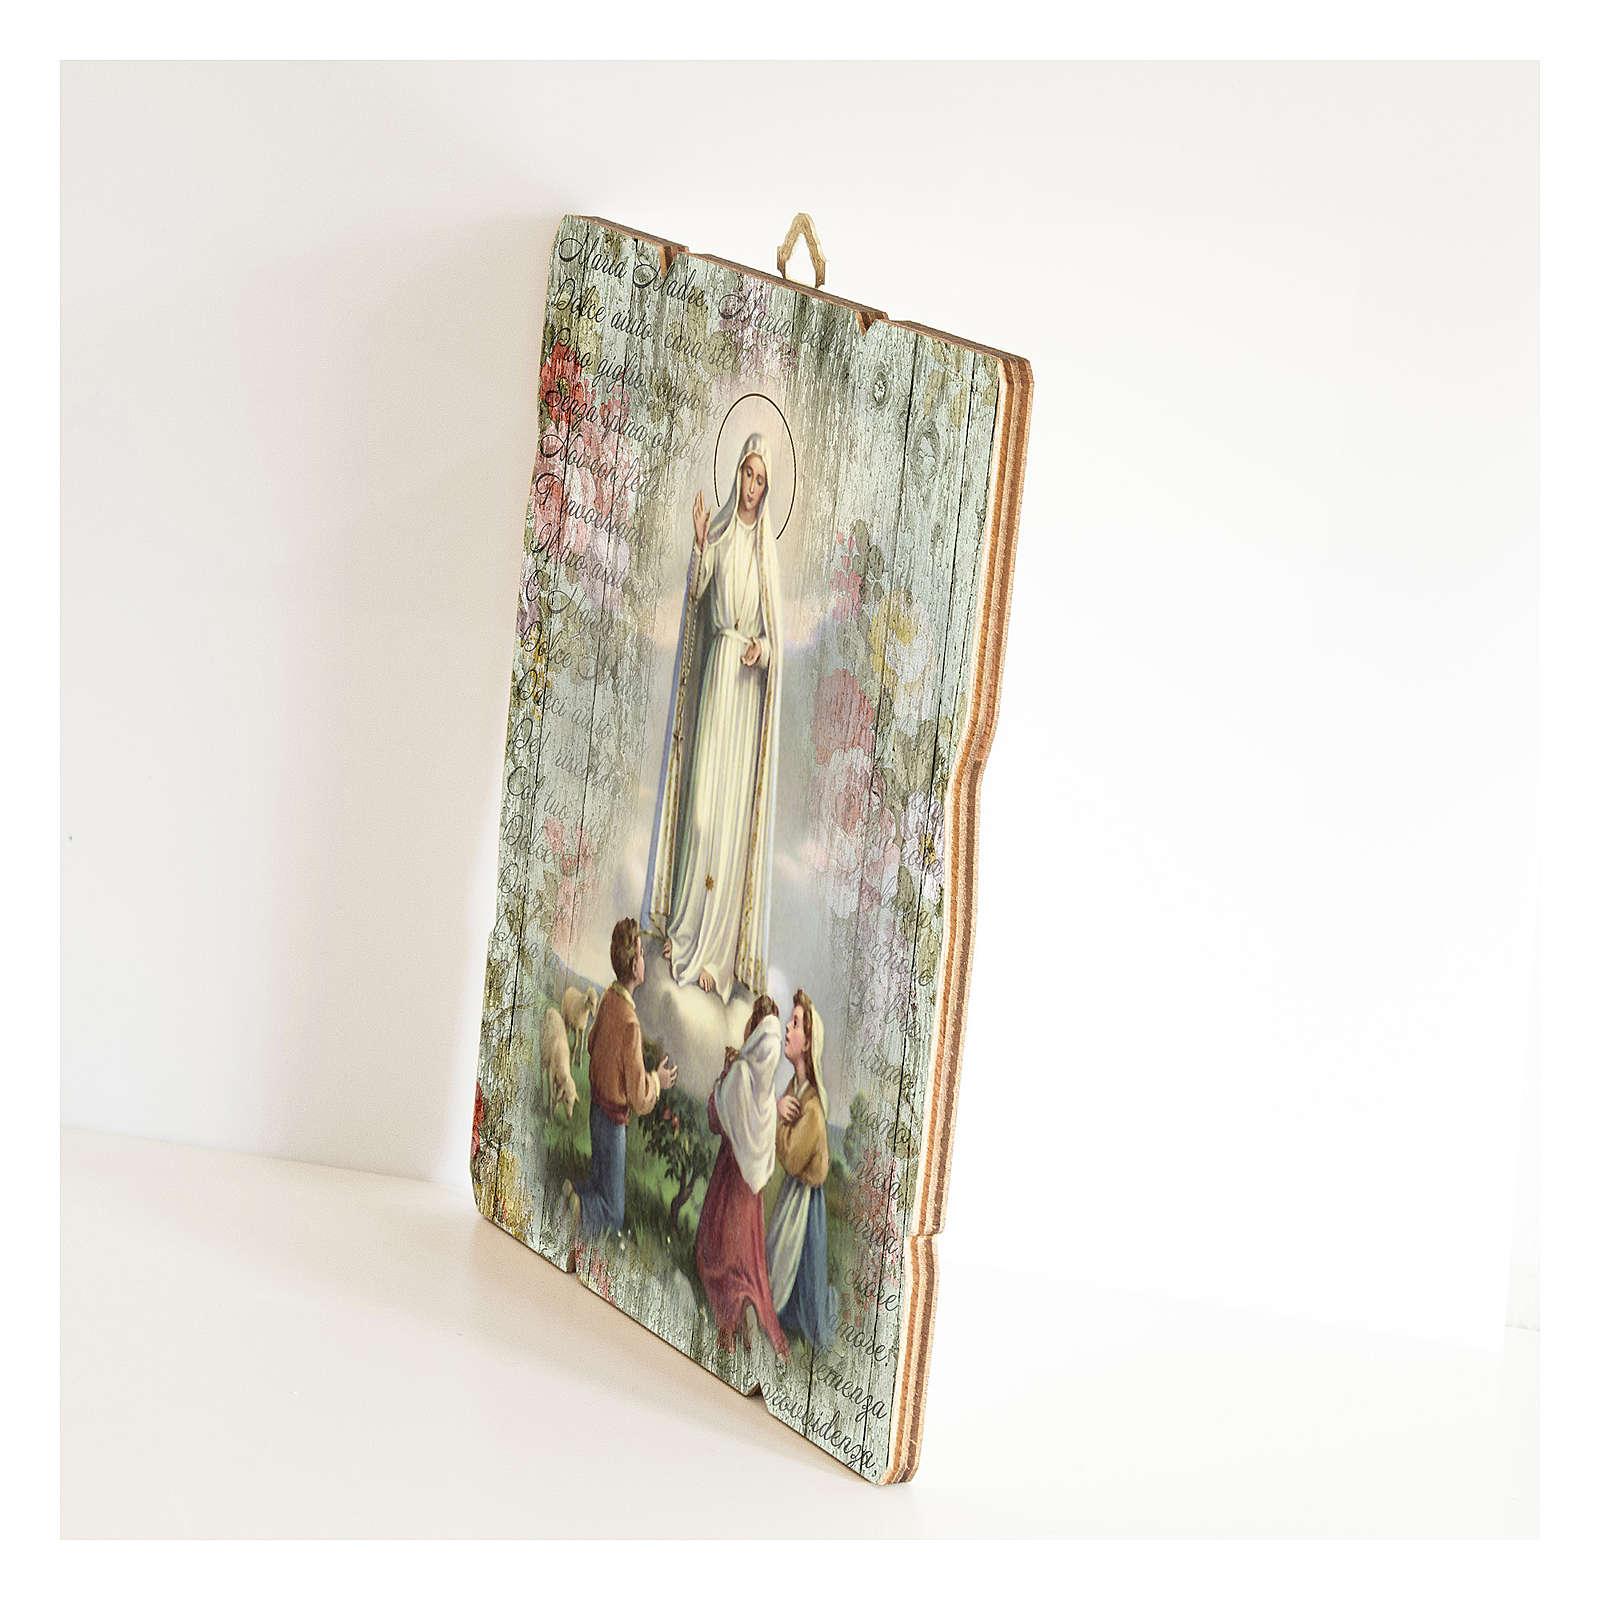 Cuadro madera perfilada gancho parte posterior Virgen de Fátima 3